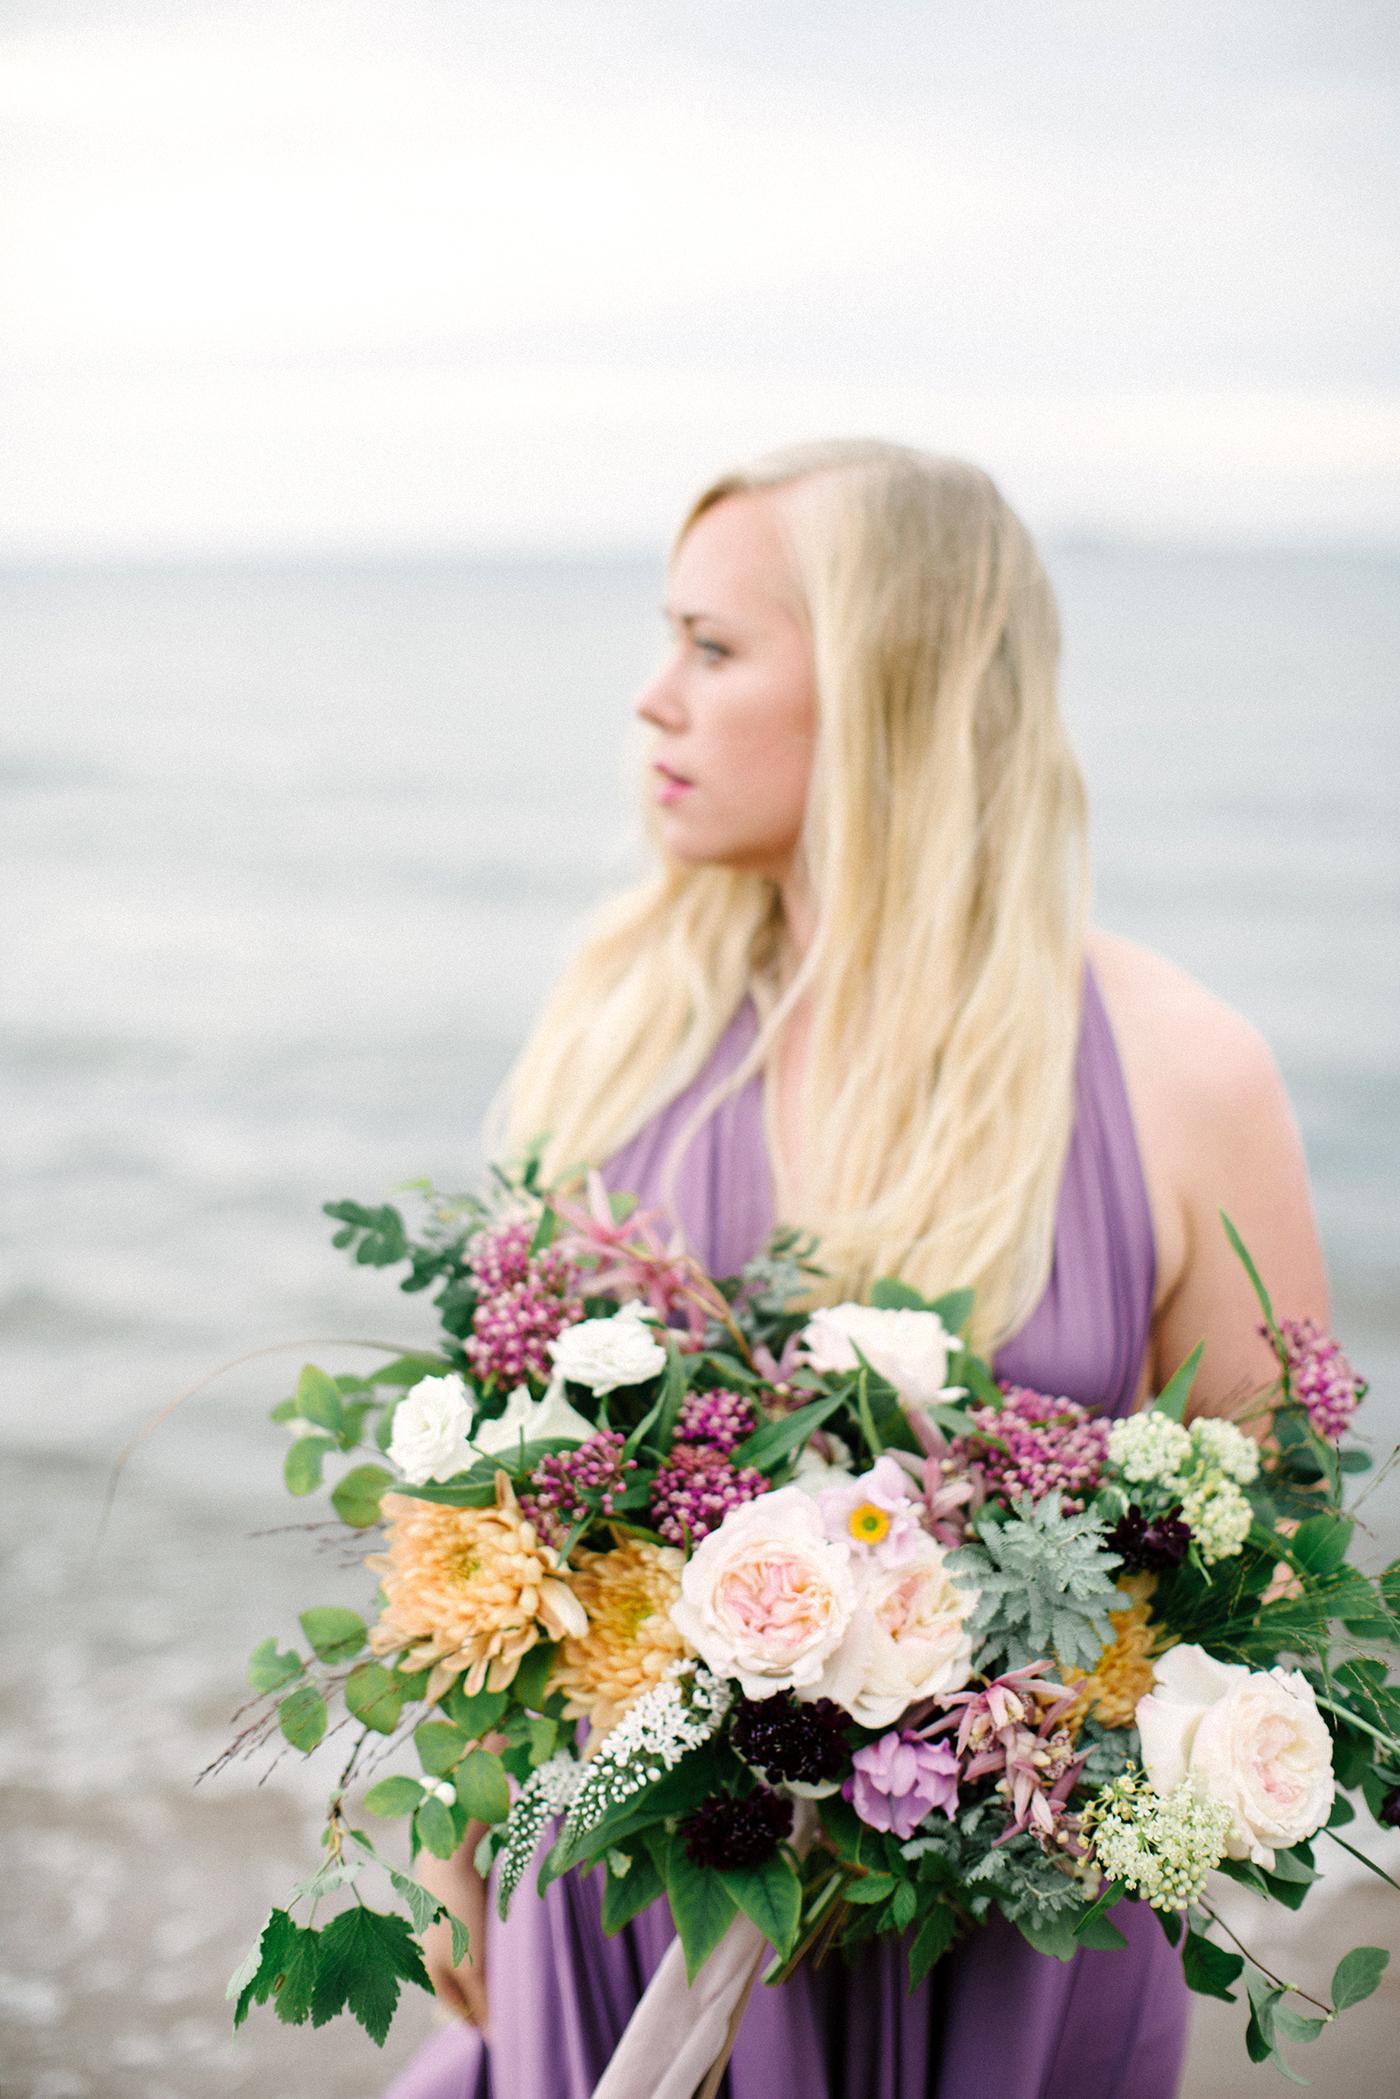 Sari & Mikko - Beach Engagement Couple Shoot in Hanko kihlakuvaus parikuvaus - Susanna Nordvall - Hey Look (2).jpg